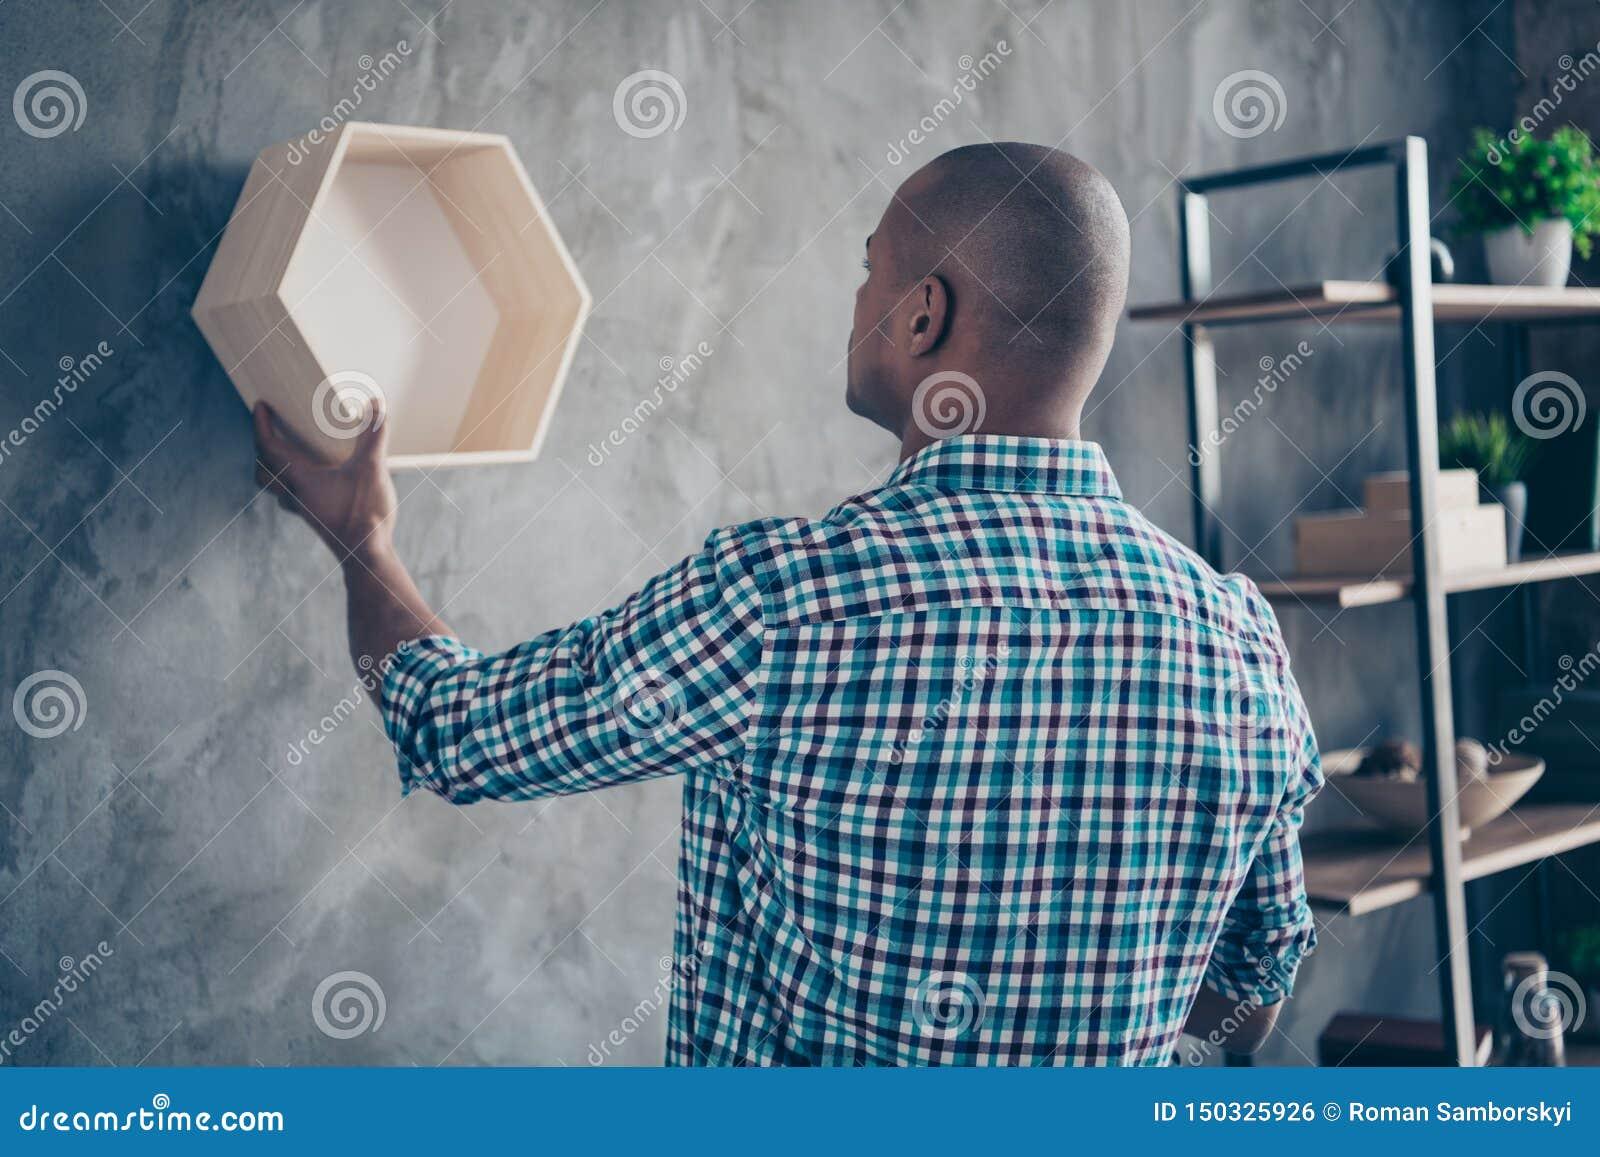 Το πίσω οπίσθιο πορτρέτο πλάγιας όψης του επαγγελματία έχει την αντίκα ξυλείας επαγγέλματος ραφιών να κρεμάσει ντυμένο περιστασια